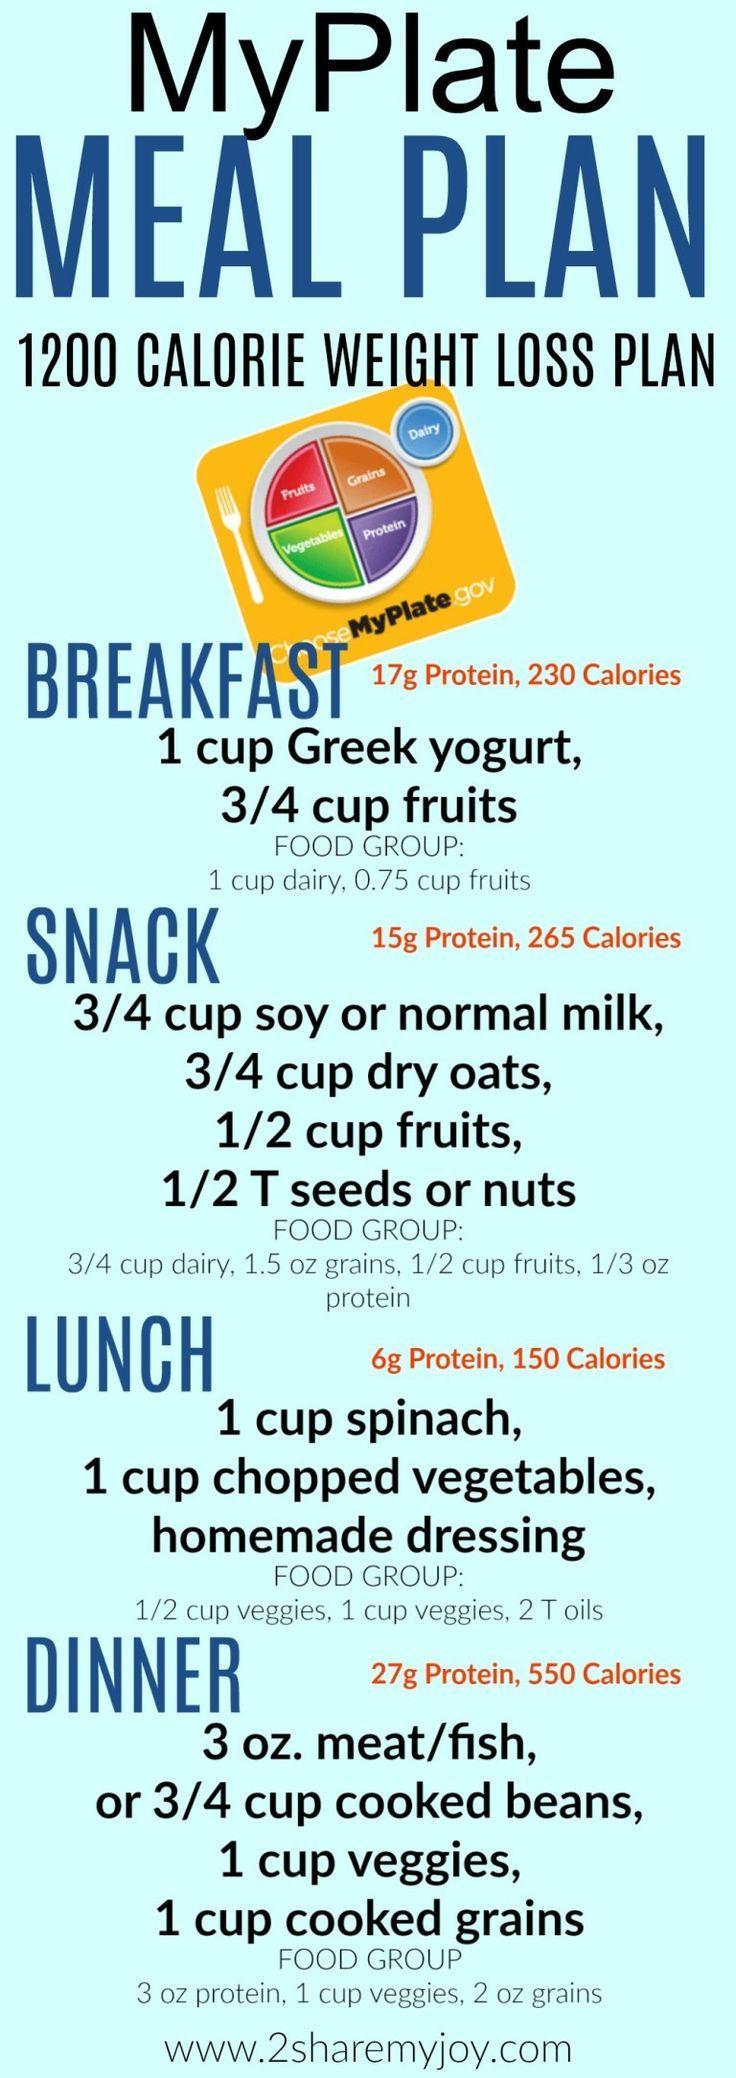 1200-Kalorien-Mahlzeit-Plan, zum des Gewichts schnell zu verlieren (auf einem Etat